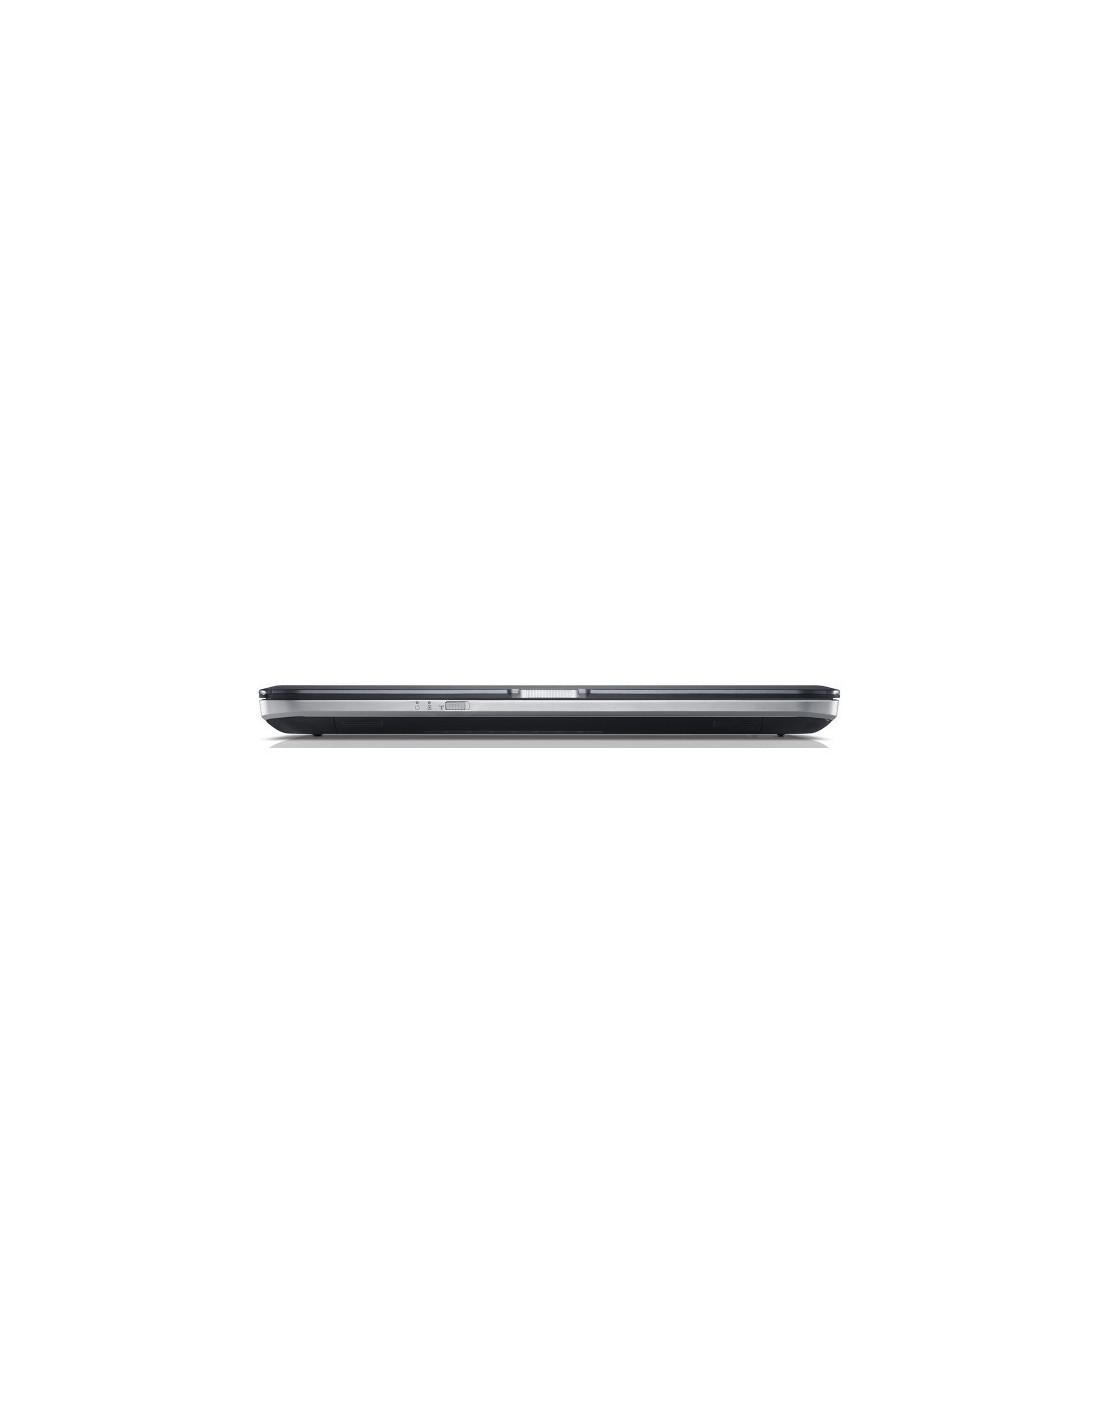 Pc Portable Dell Latitude E5530 I5 8 Go / 500 Go